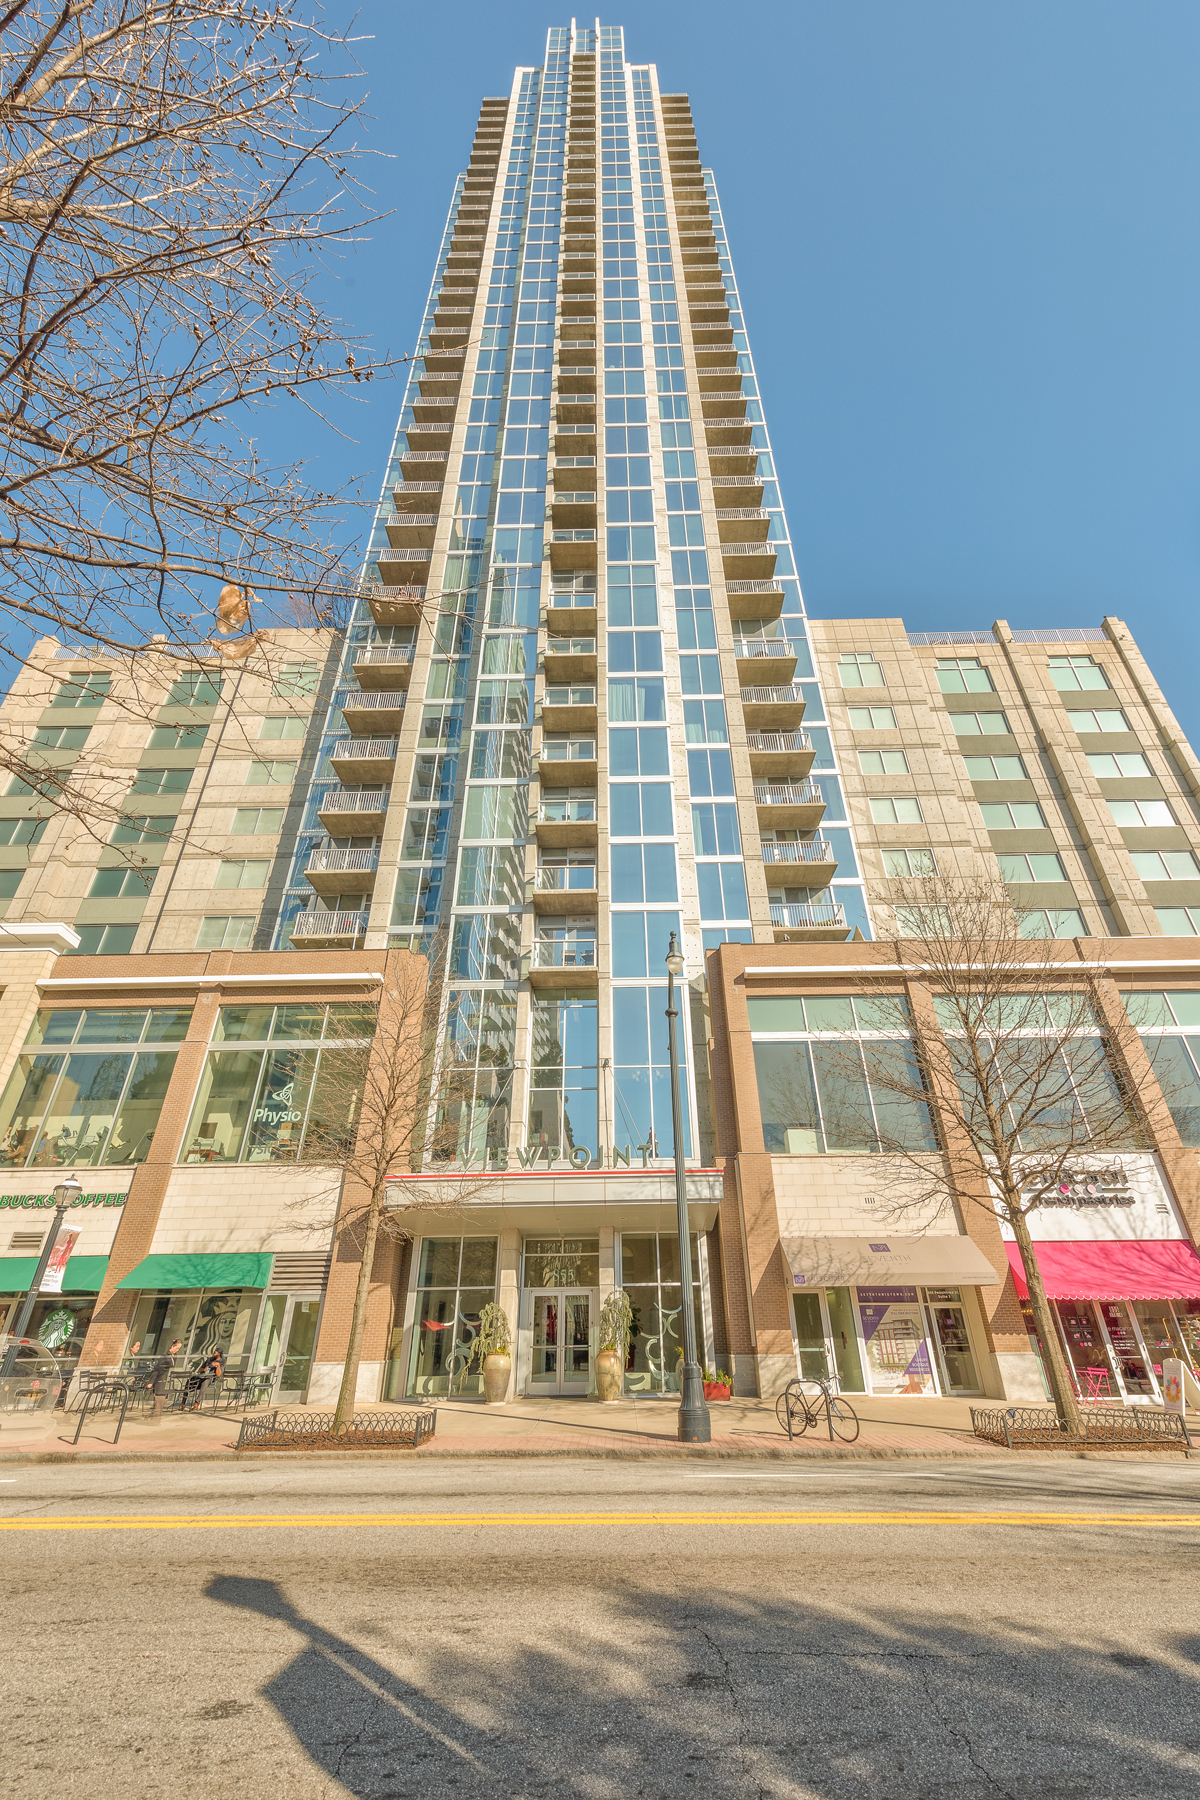 콘도미니엄 용 매매 에 Live In The Heart Of Midtown In Highly Desirable Viewpoint 855 Peachtree Street Unit 1304 Atlanta, 조지아, 30308 미국